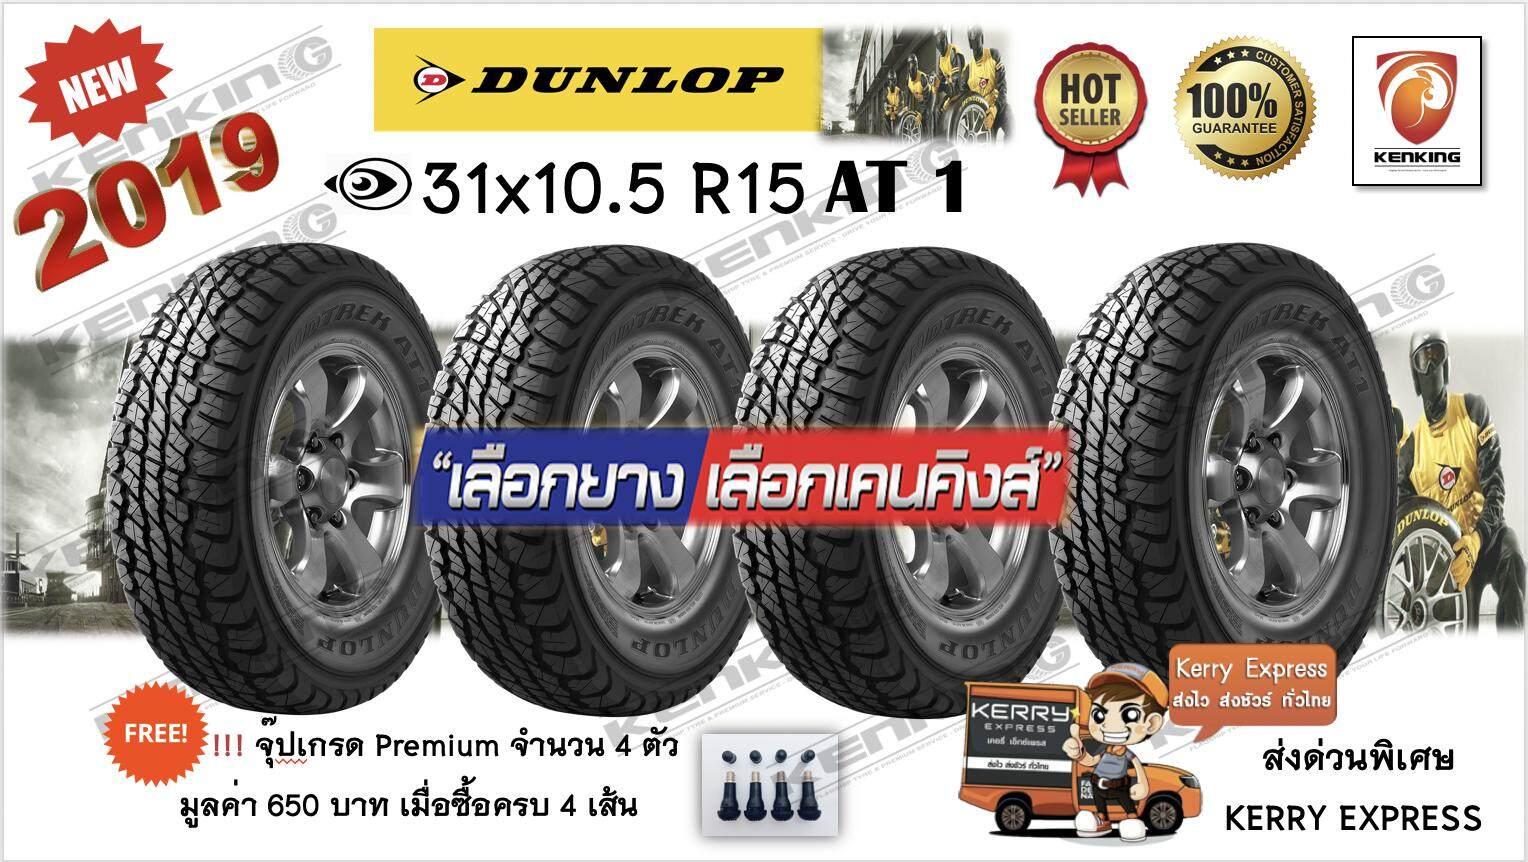 ระนอง ยางรถยนต์ขอบ15 Dunlop 31x10.5 R15 AT1 NEW   2019  ( 4 เส้น ) FREE    จุ๊ป PREMIUM BY KENKING POWER 650 บาท MADE IN JAPAN แท้ (ลิขสิทธิืแท้รายเดียว)